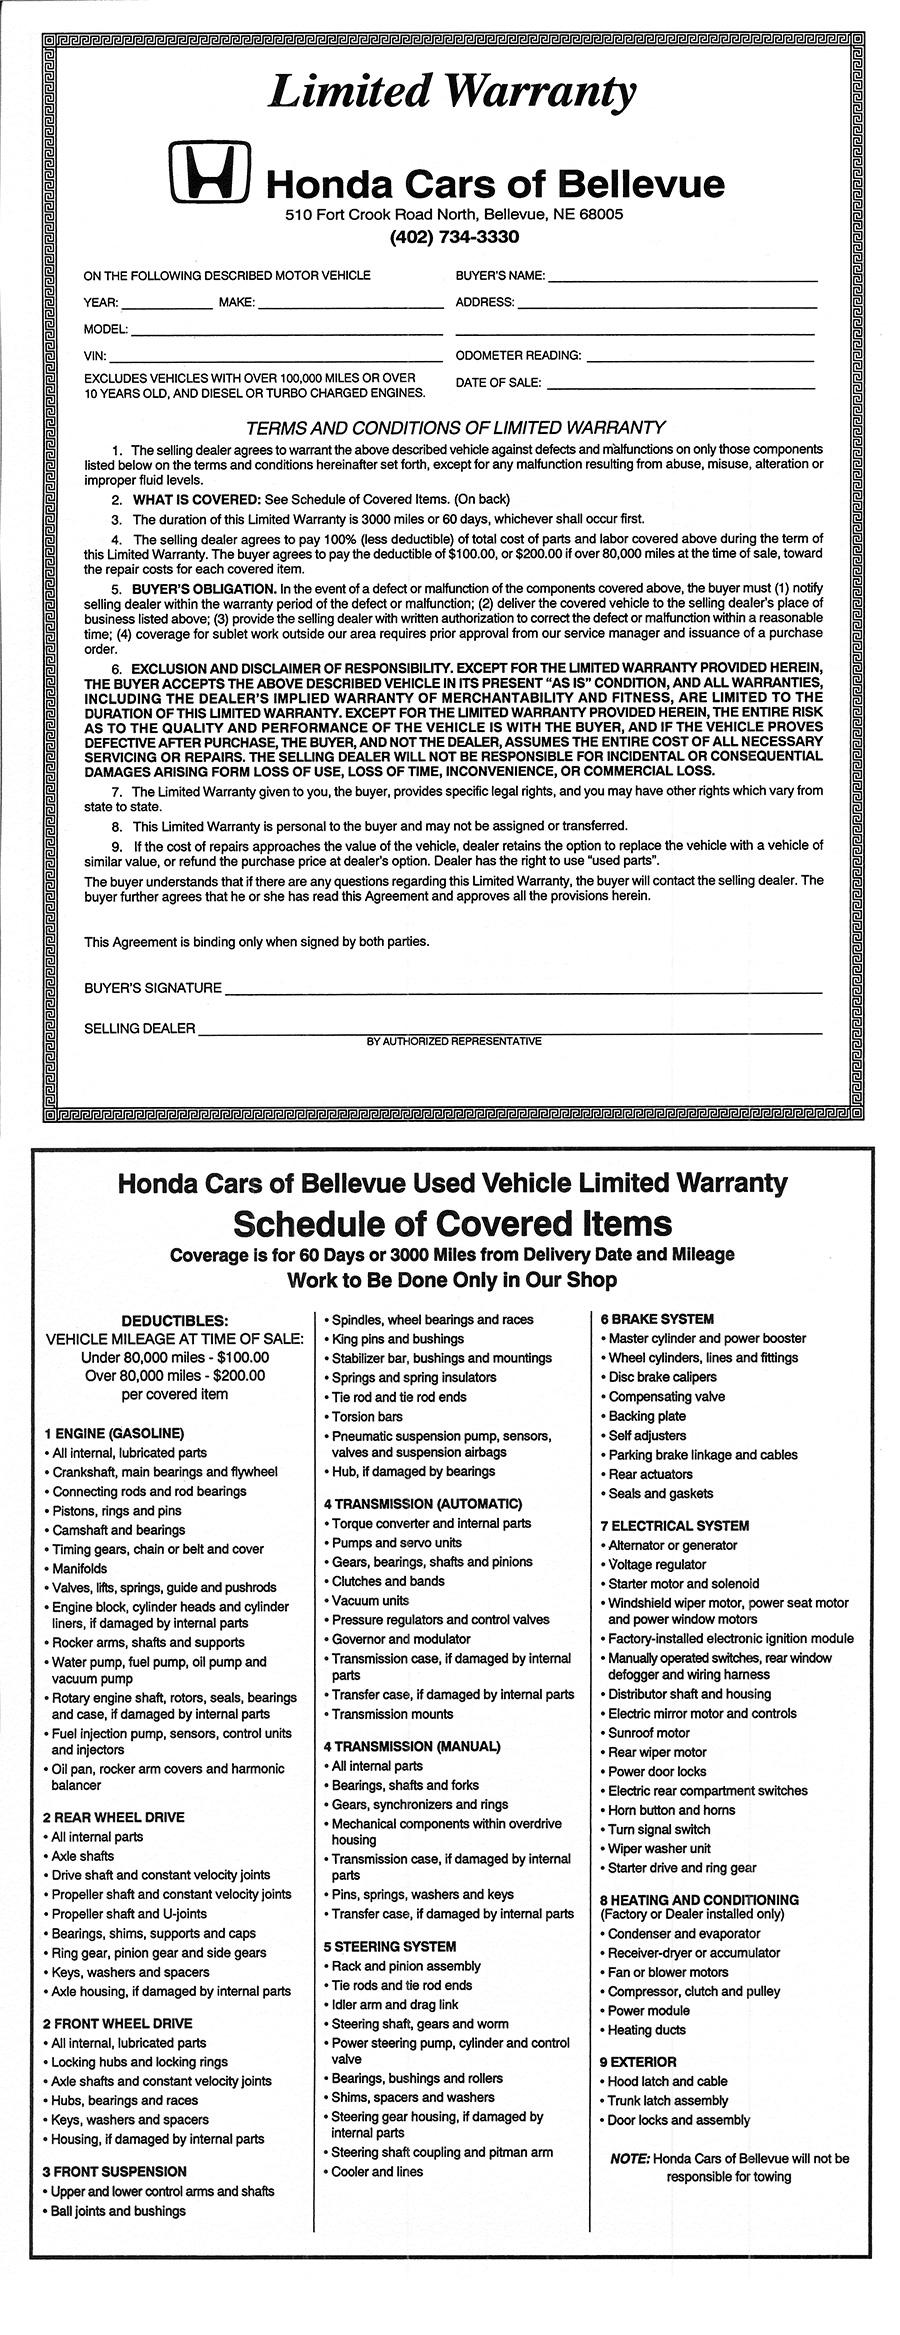 60 Day Warranty